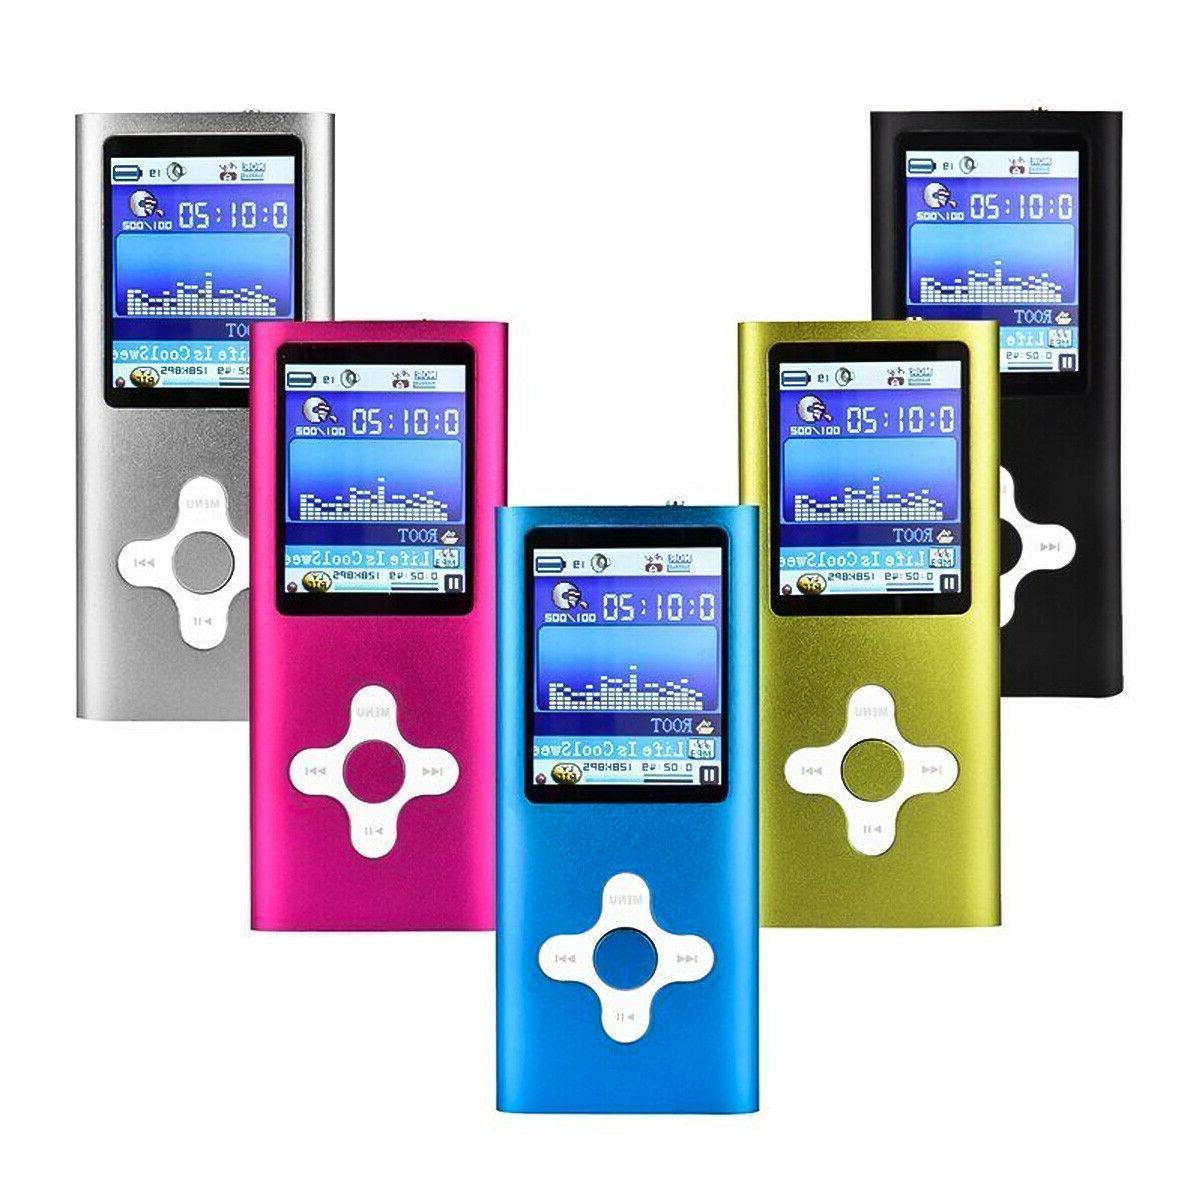 Lossless MP3